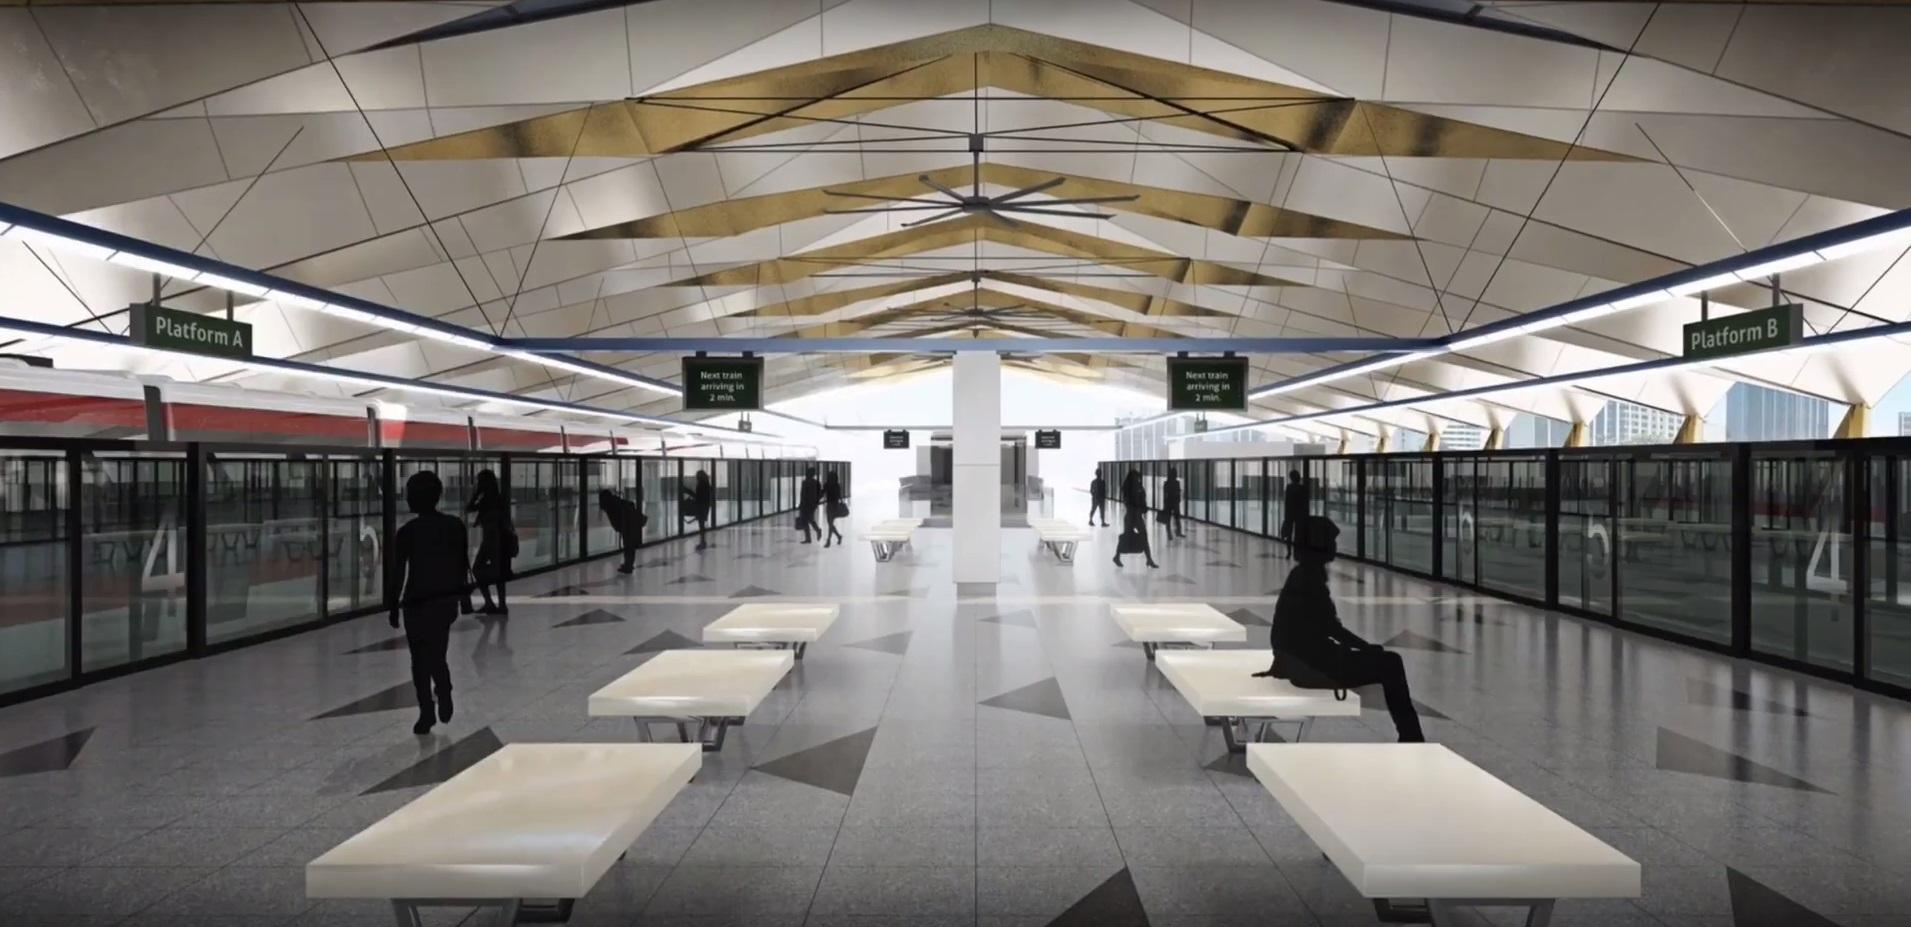 Bukit Chagar Station Platform